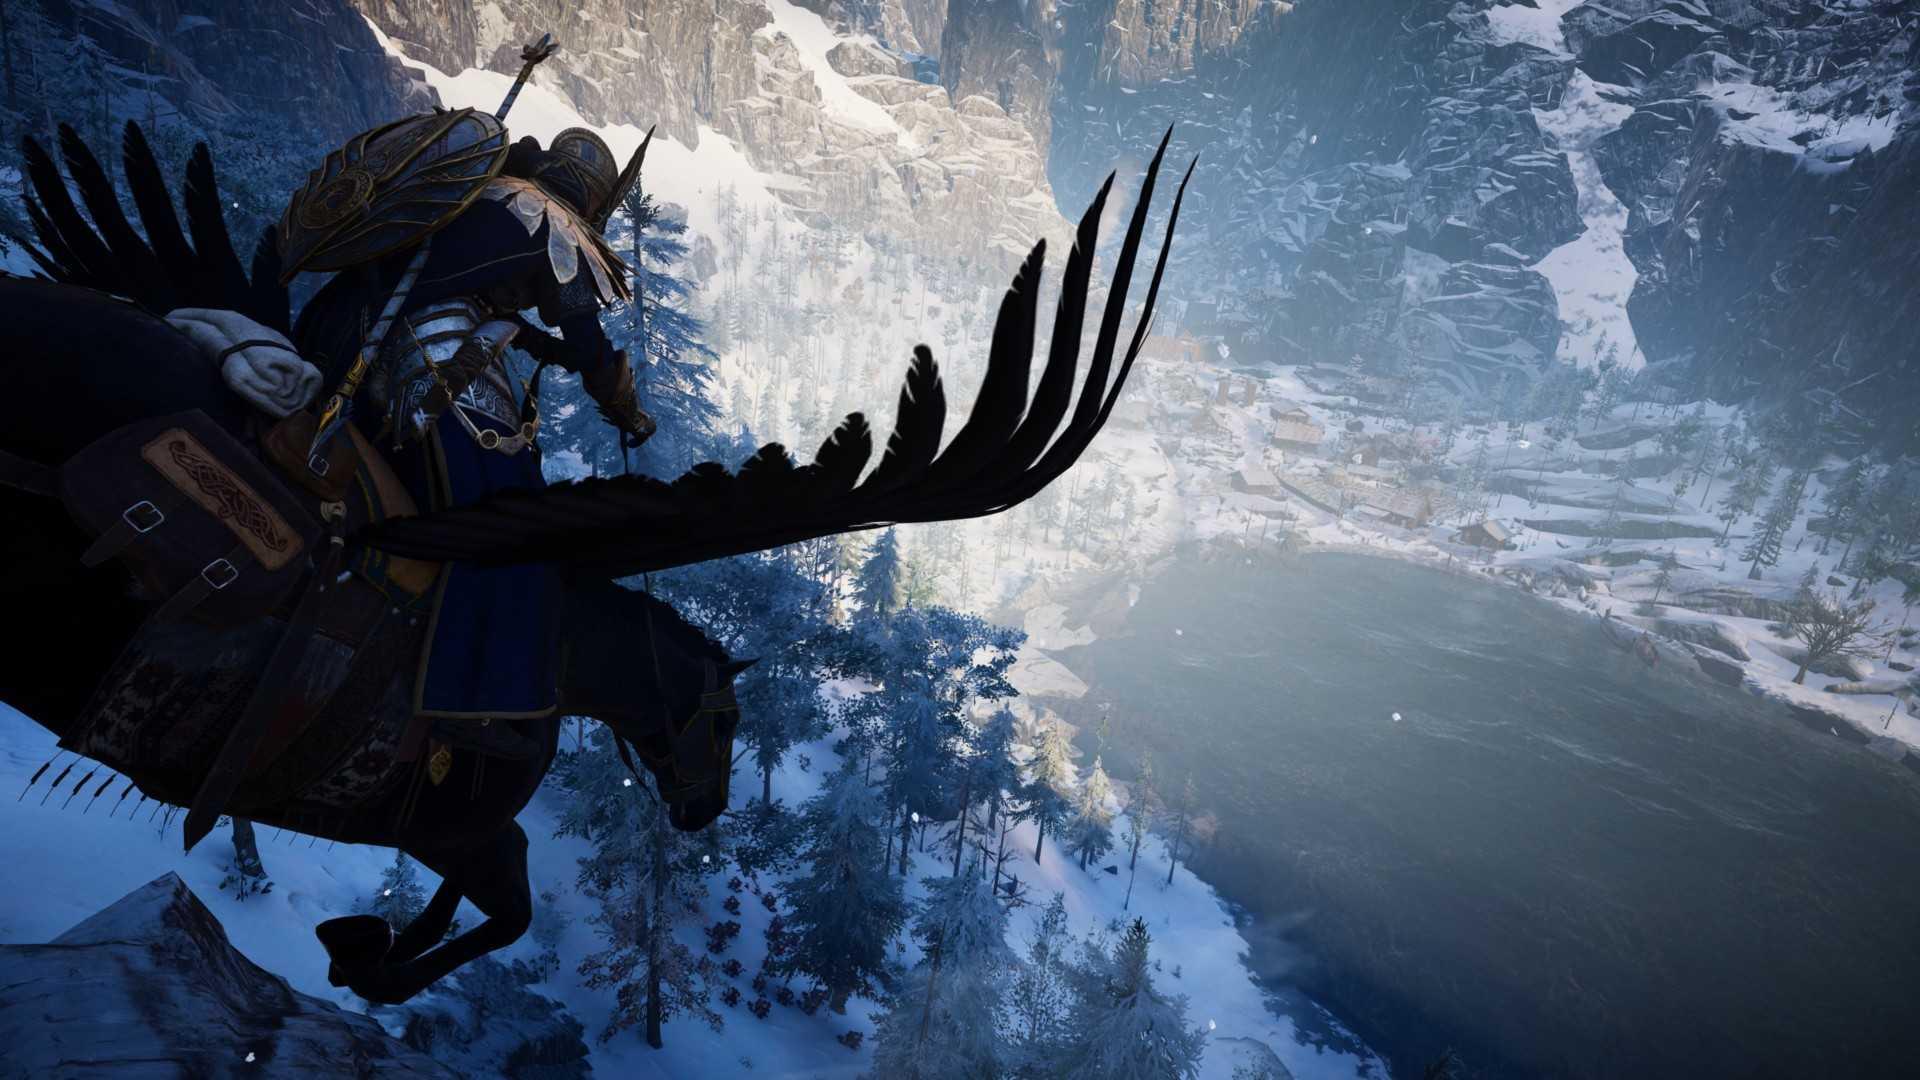 Assassin's Creed Valhalla: los jugadores descubrieron cómo obtener créditos Helix gratis y compartir la solución